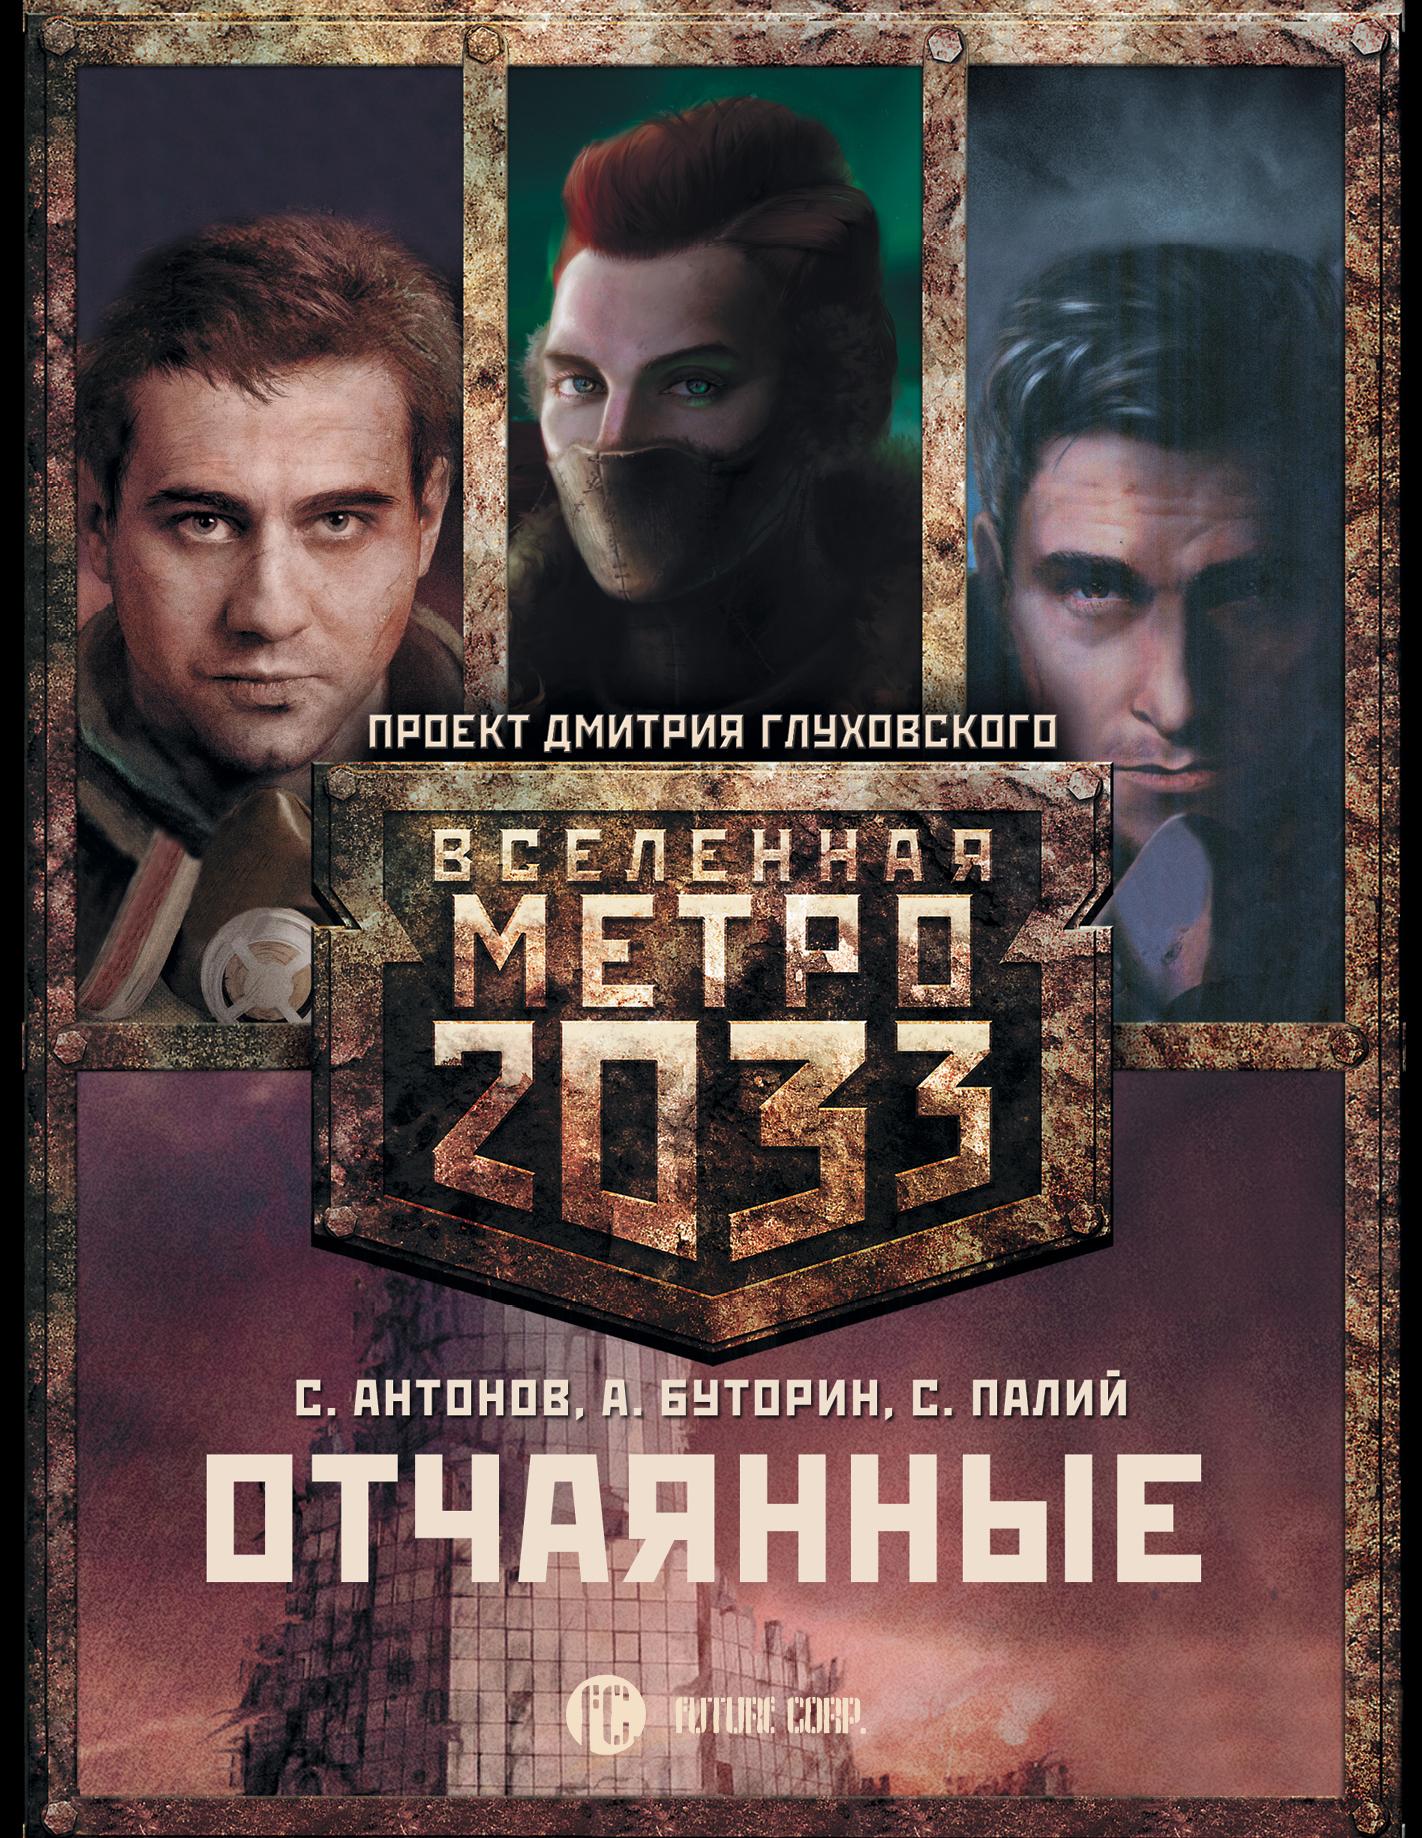 Сергей Антонов, Андрей Буторин, Сергей Палий Метро 2033. Отчаянные